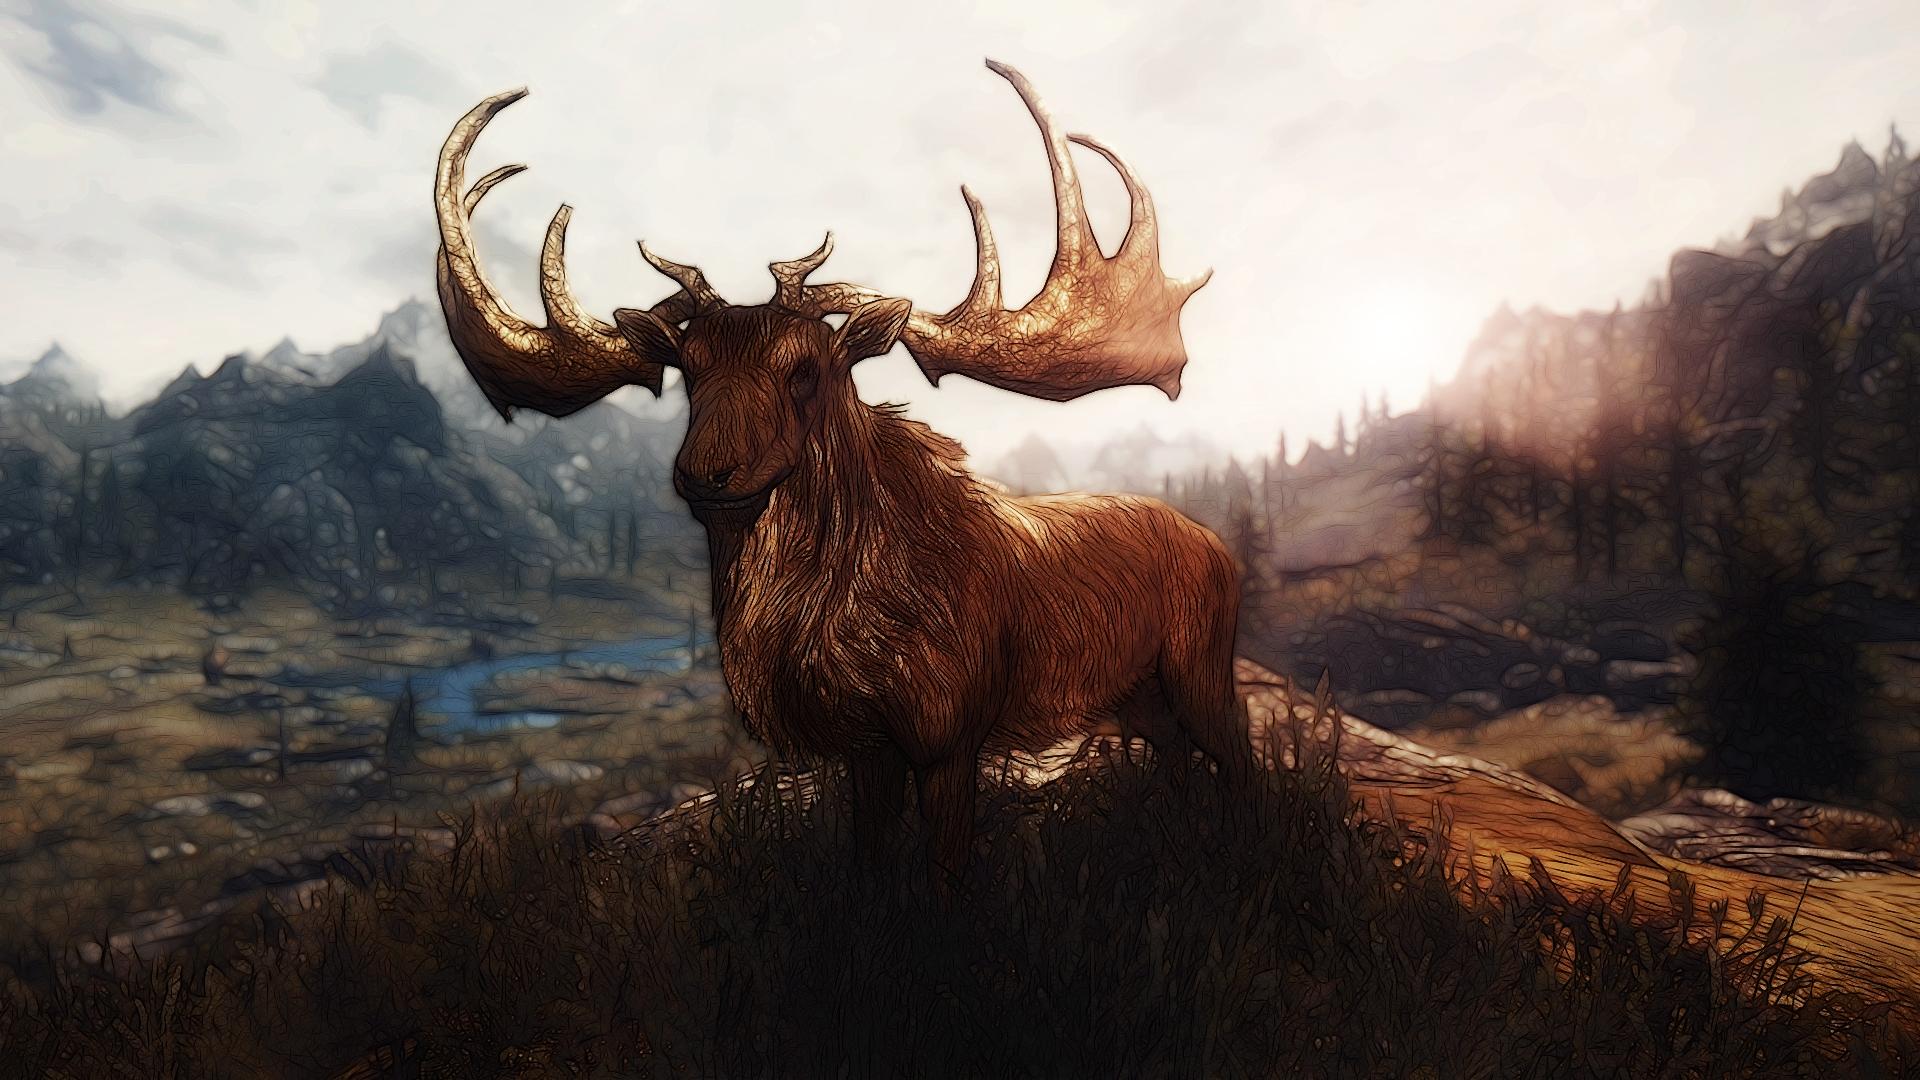 Drawn stag majestic On by Creathor4005 Deer Deer